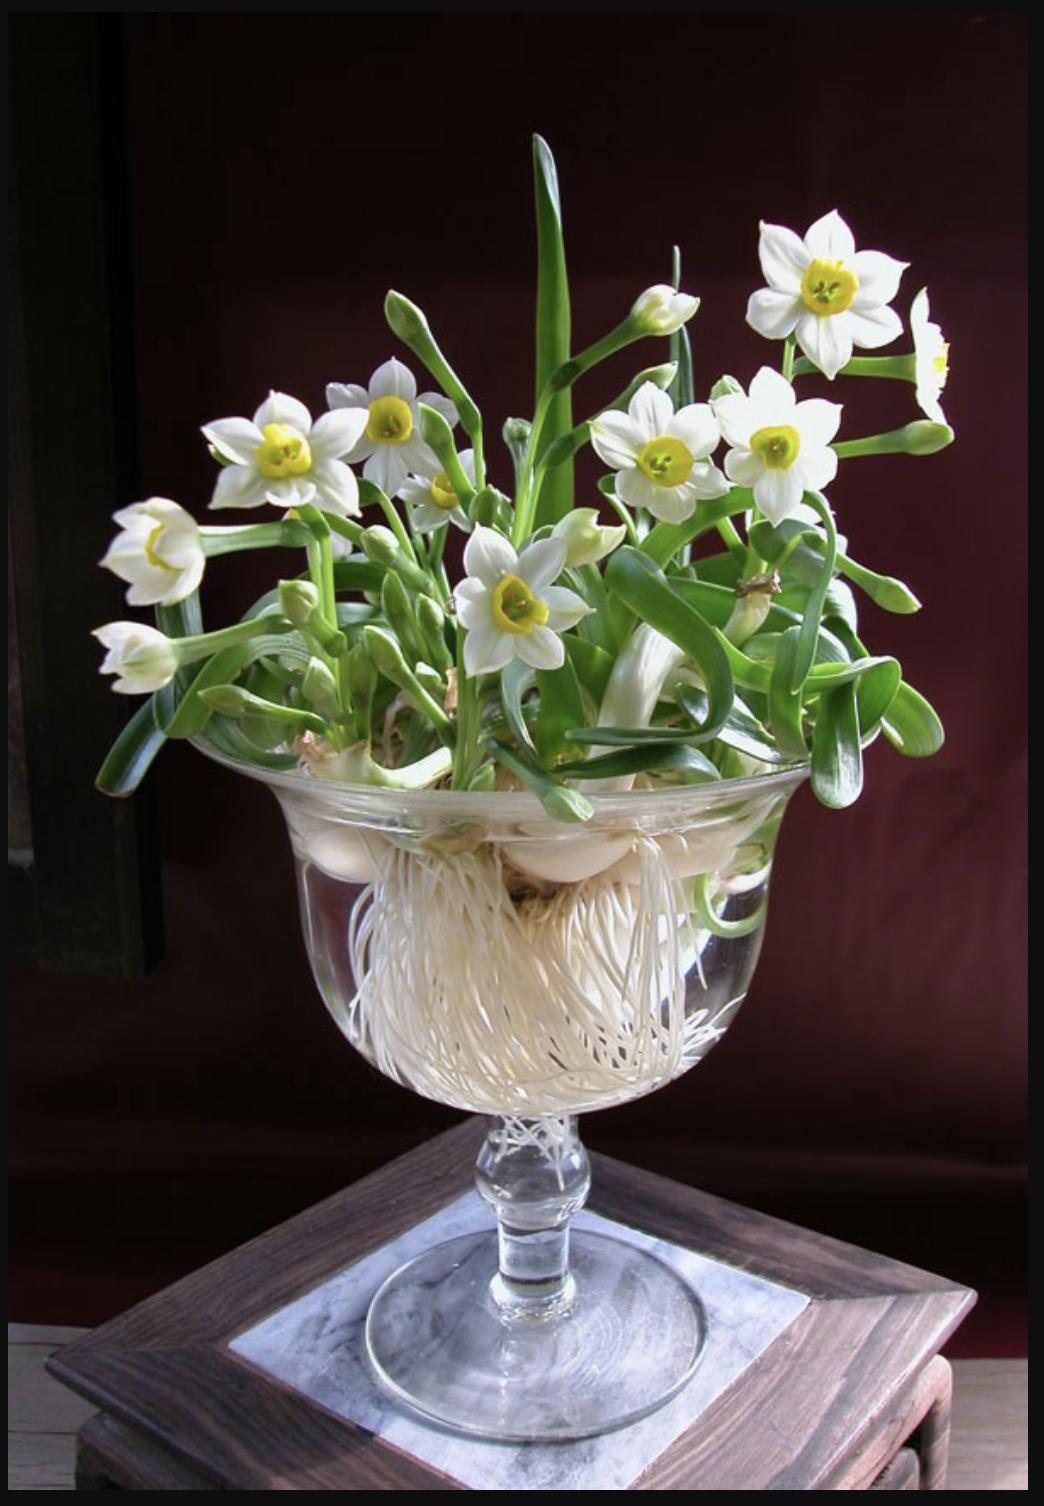 Hoa thuỷ tiên có ý nghĩa trong phong thuỷ